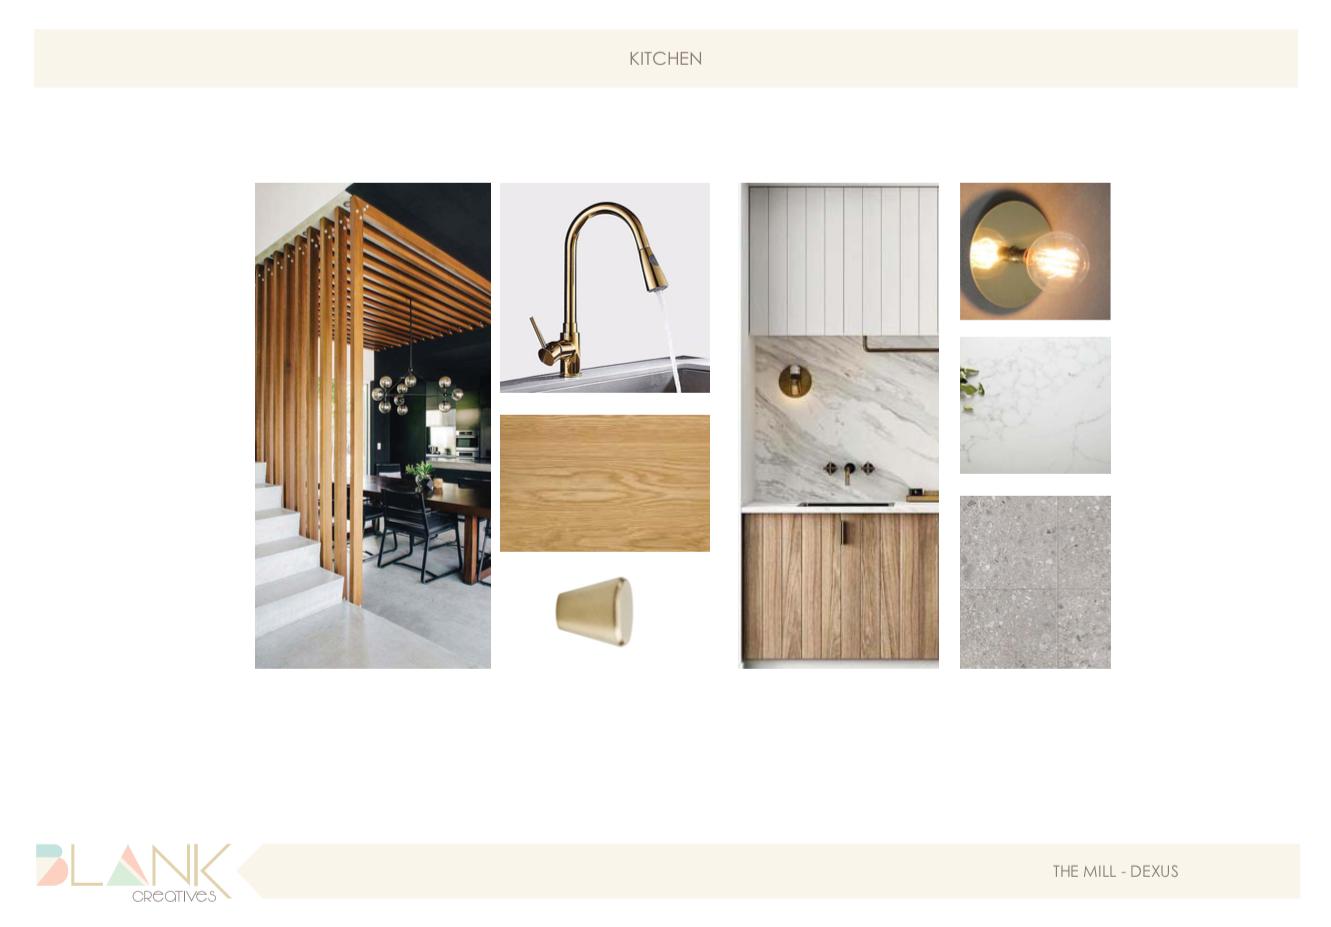 Office interior design kitchen concept.p